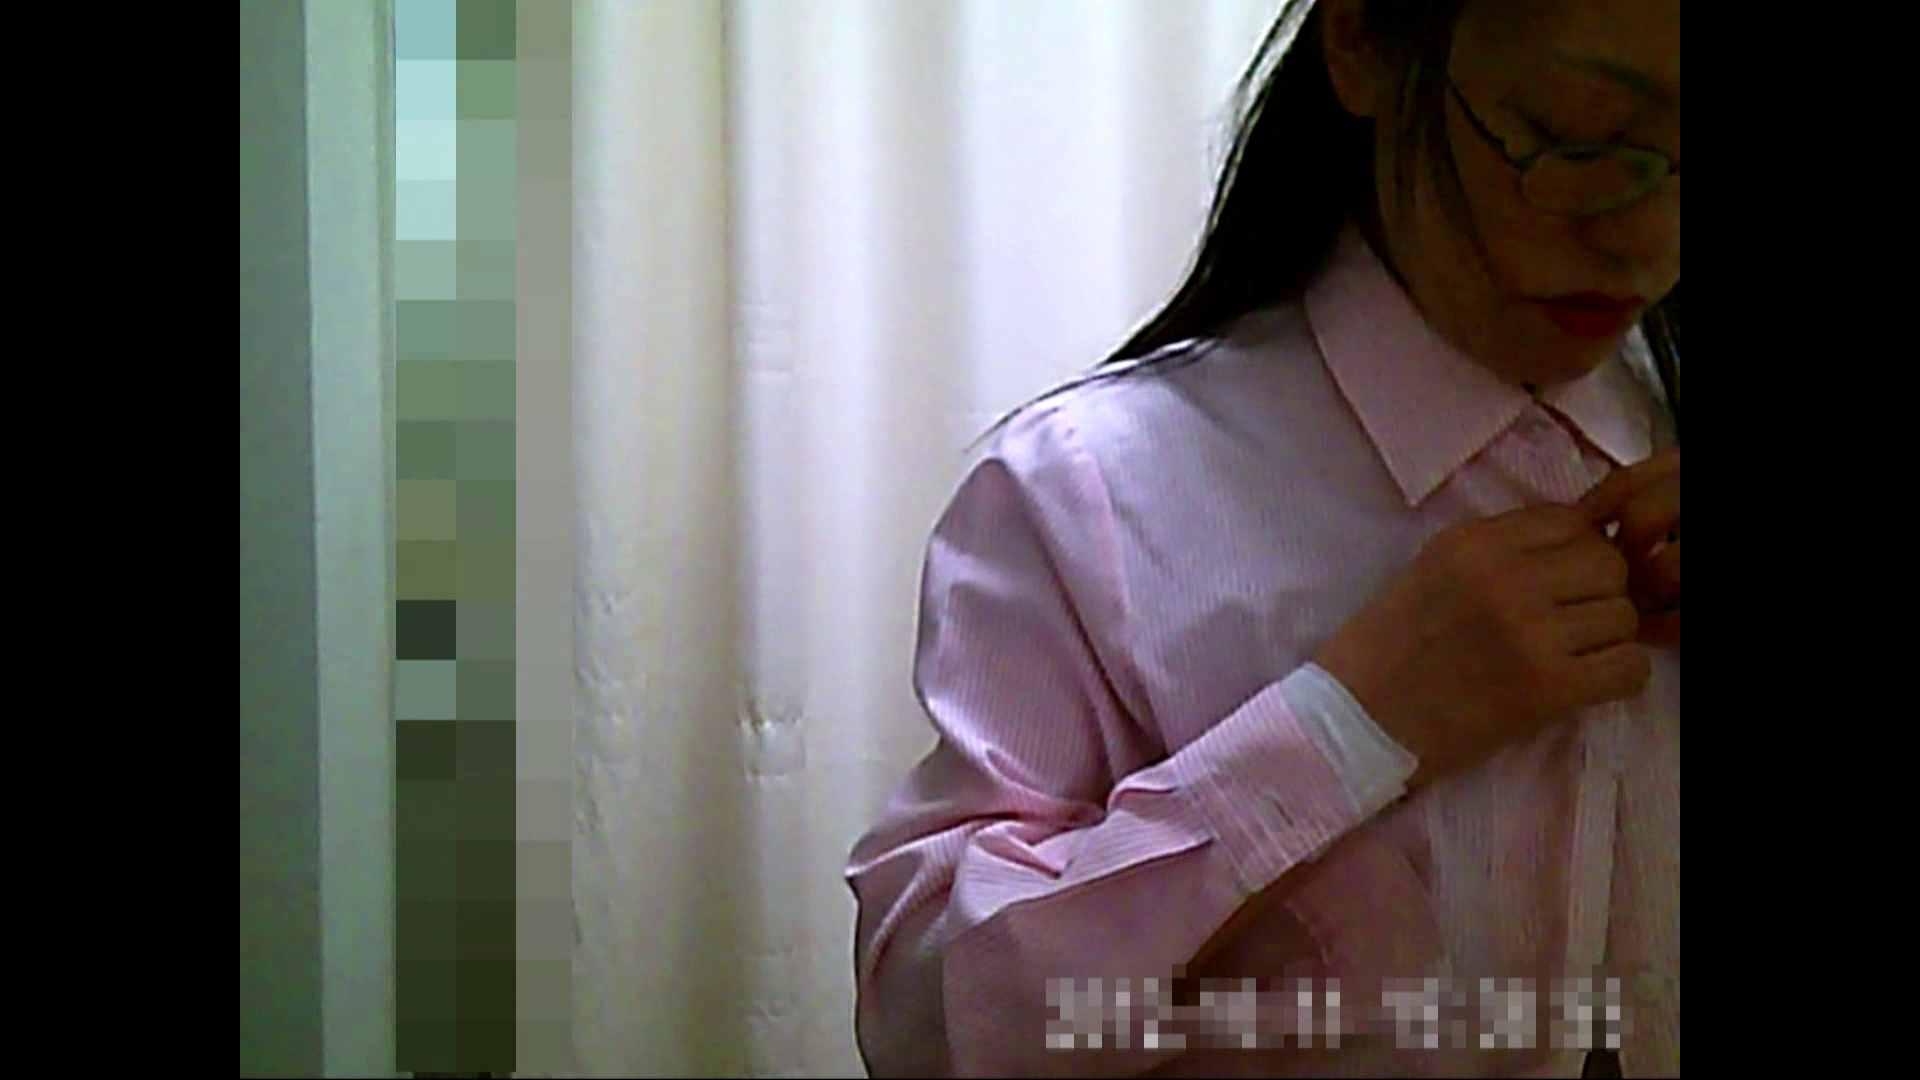 元医者による反抗 更衣室地獄絵巻 vol.062 OL | 0  63連発 47